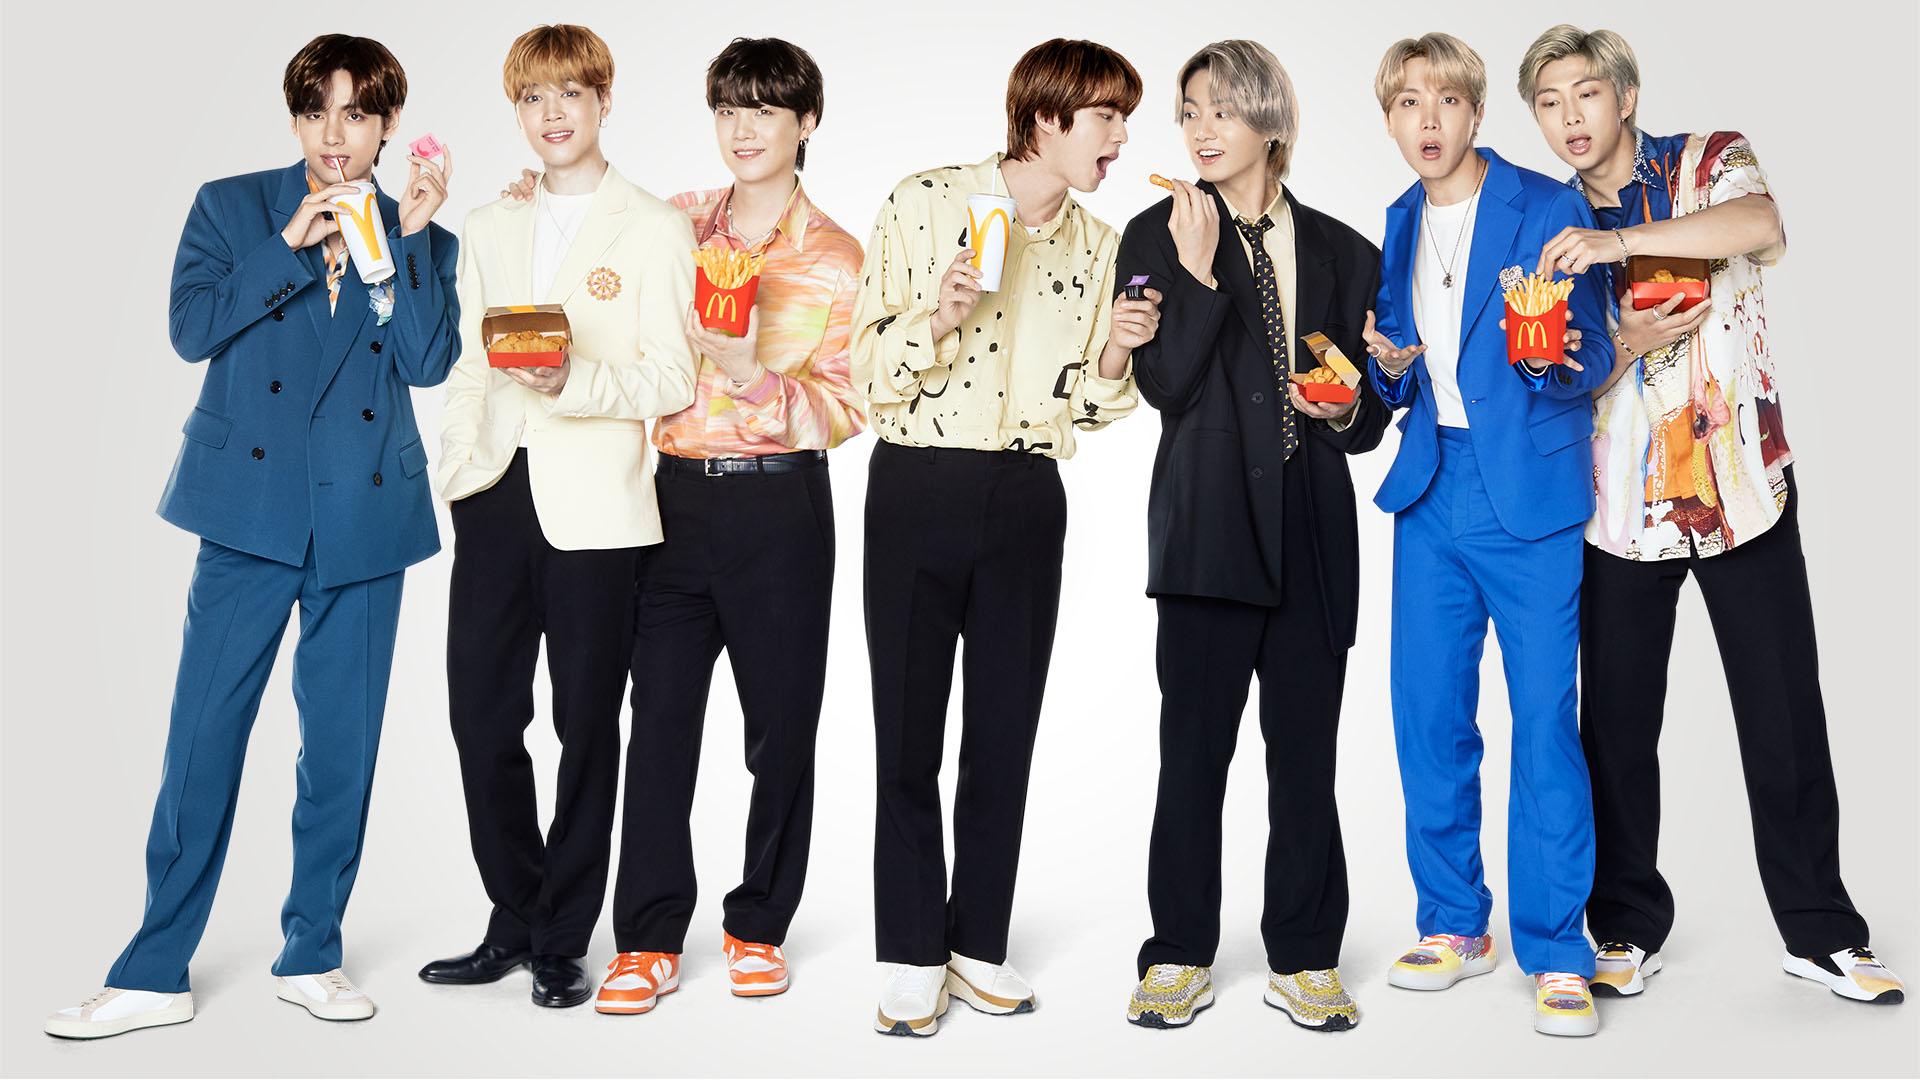 万众期待的麦当劳 x BTS(防弹少年团)合作特餐正式推出